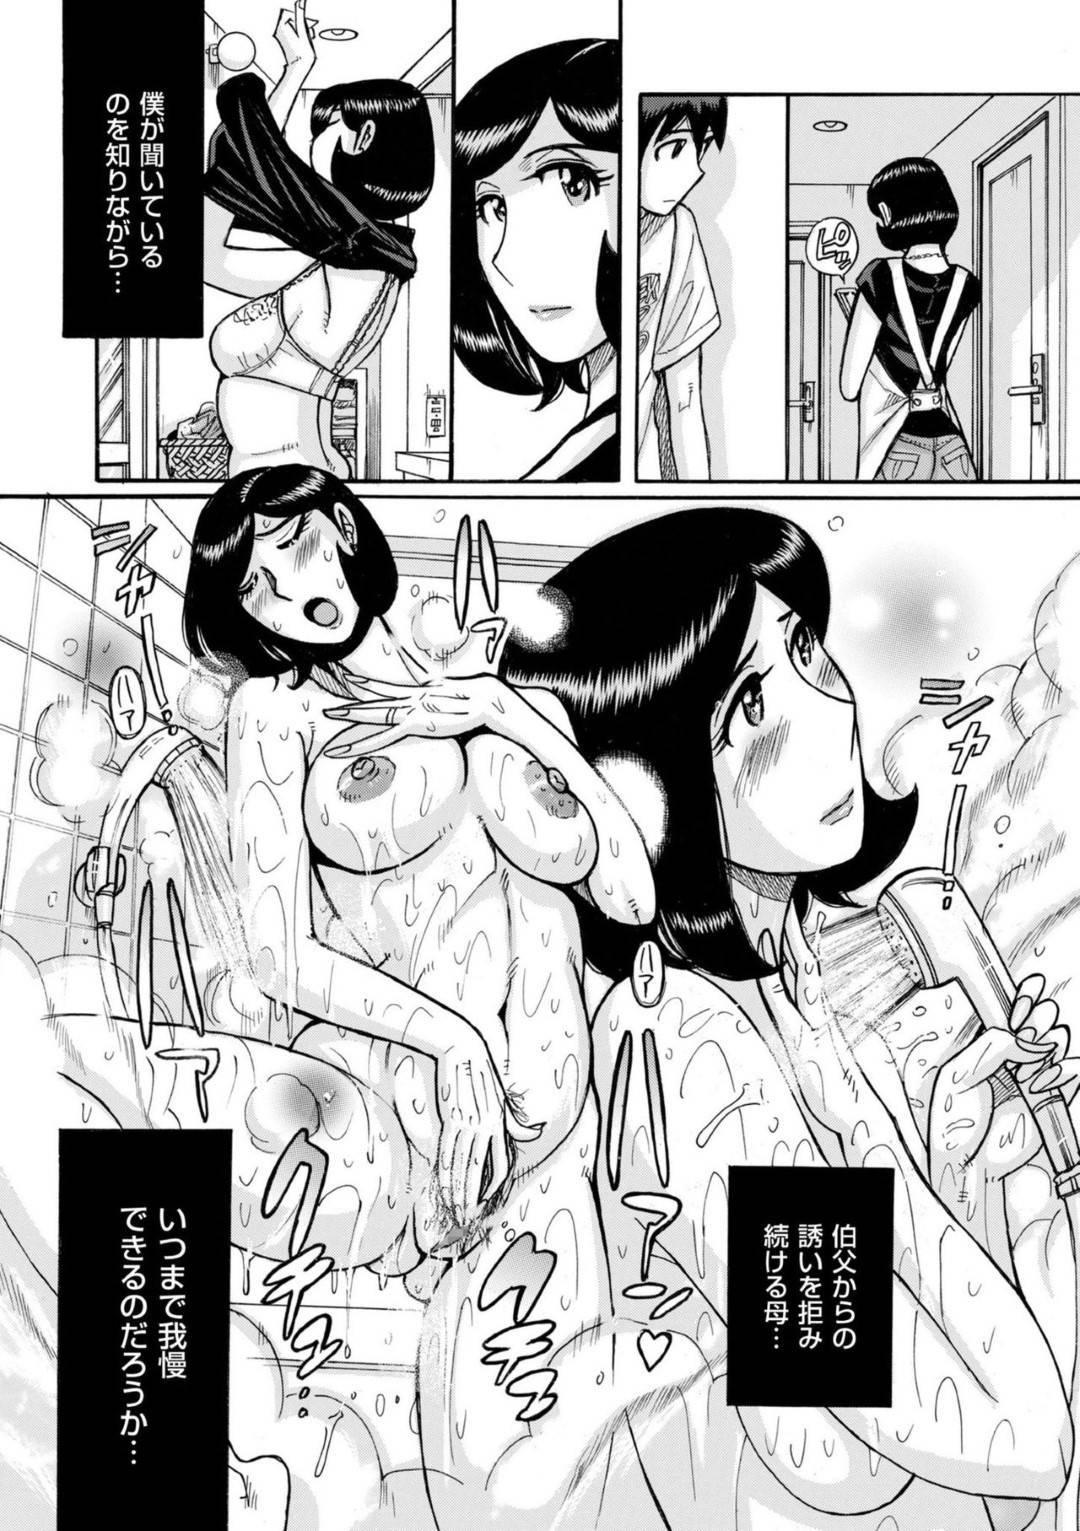 【エロ漫画】実の母が義理の父と不倫セックスしている事を知ってしまった主人公。映像を見ることをやめられない彼は釘付けになるように母が女になって他人チンポでヨガりまくる姿を凝視し続けるのだった。